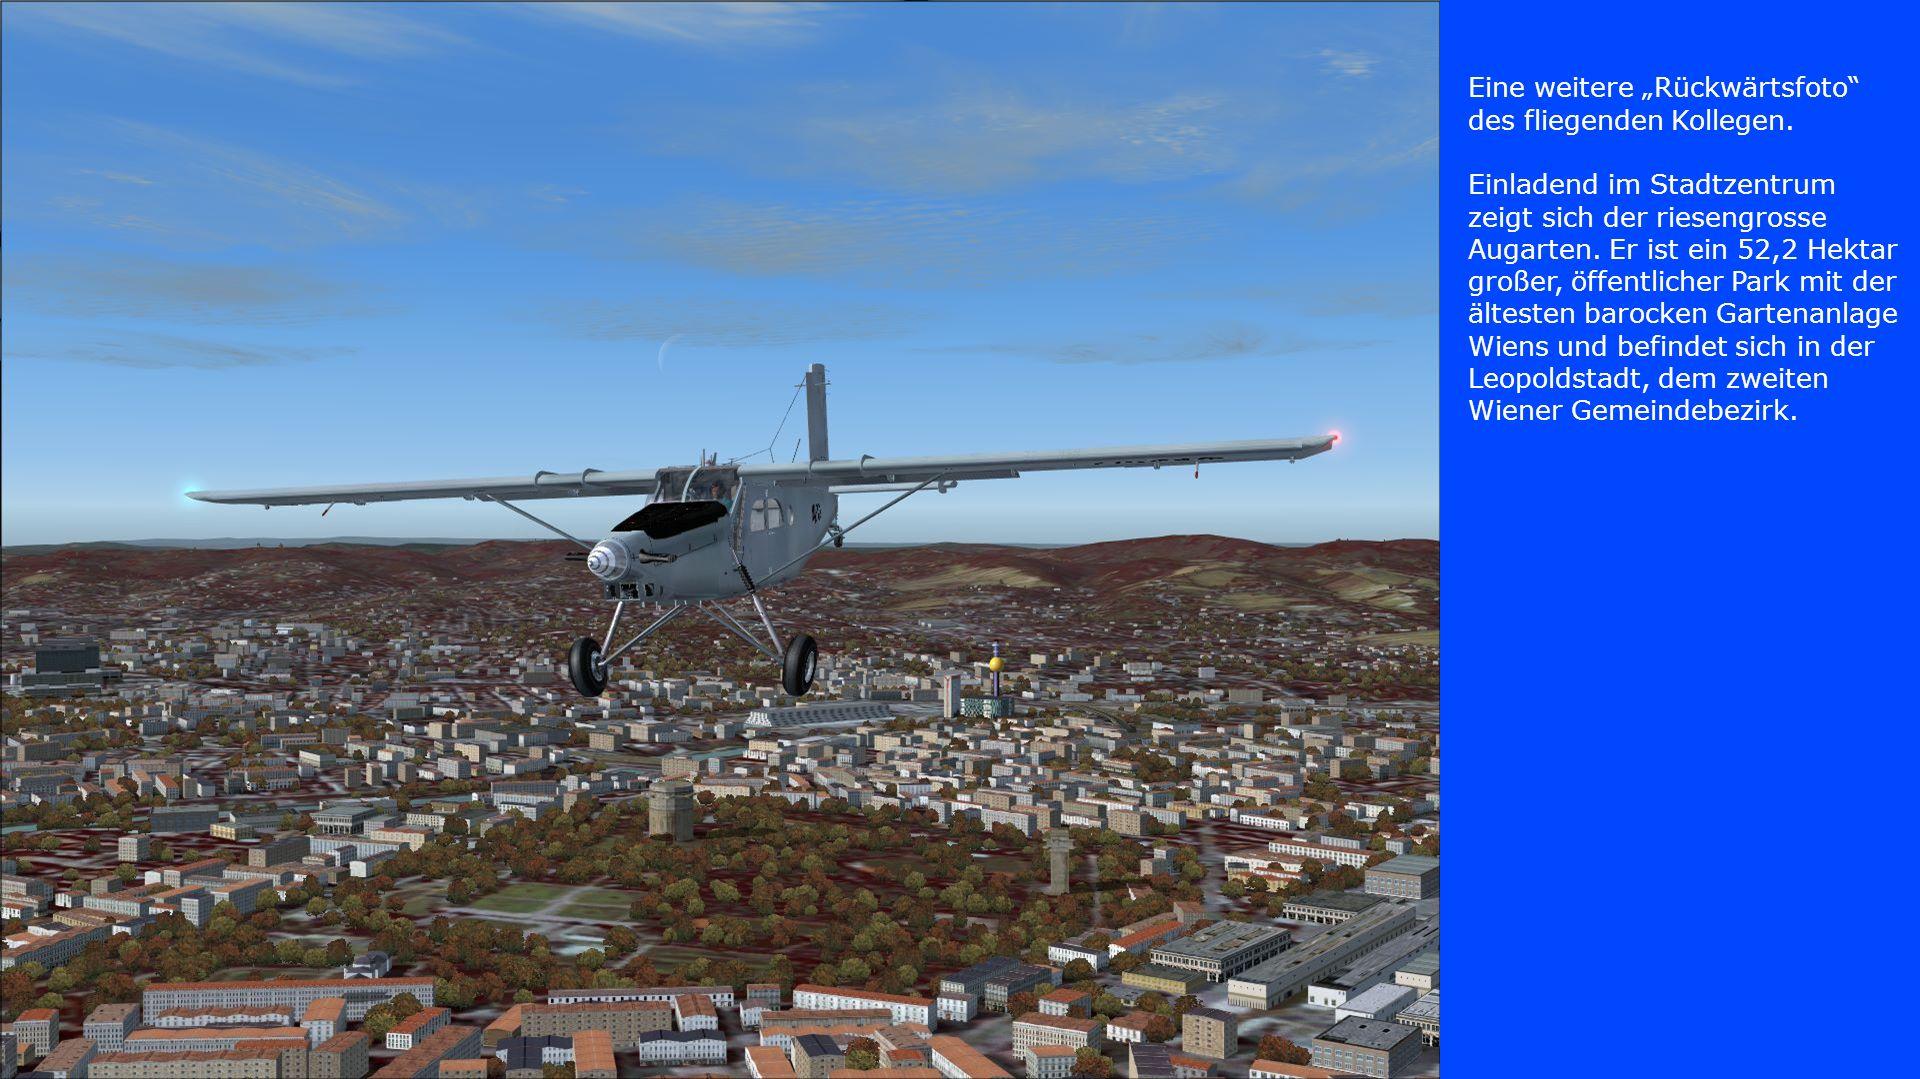 Eine weitere Rückwärtsfoto des fliegenden Kollegen. Einladend im Stadtzentrum zeigt sich der riesengrosse Augarten. Er ist ein 52,2 Hektar großer, öff